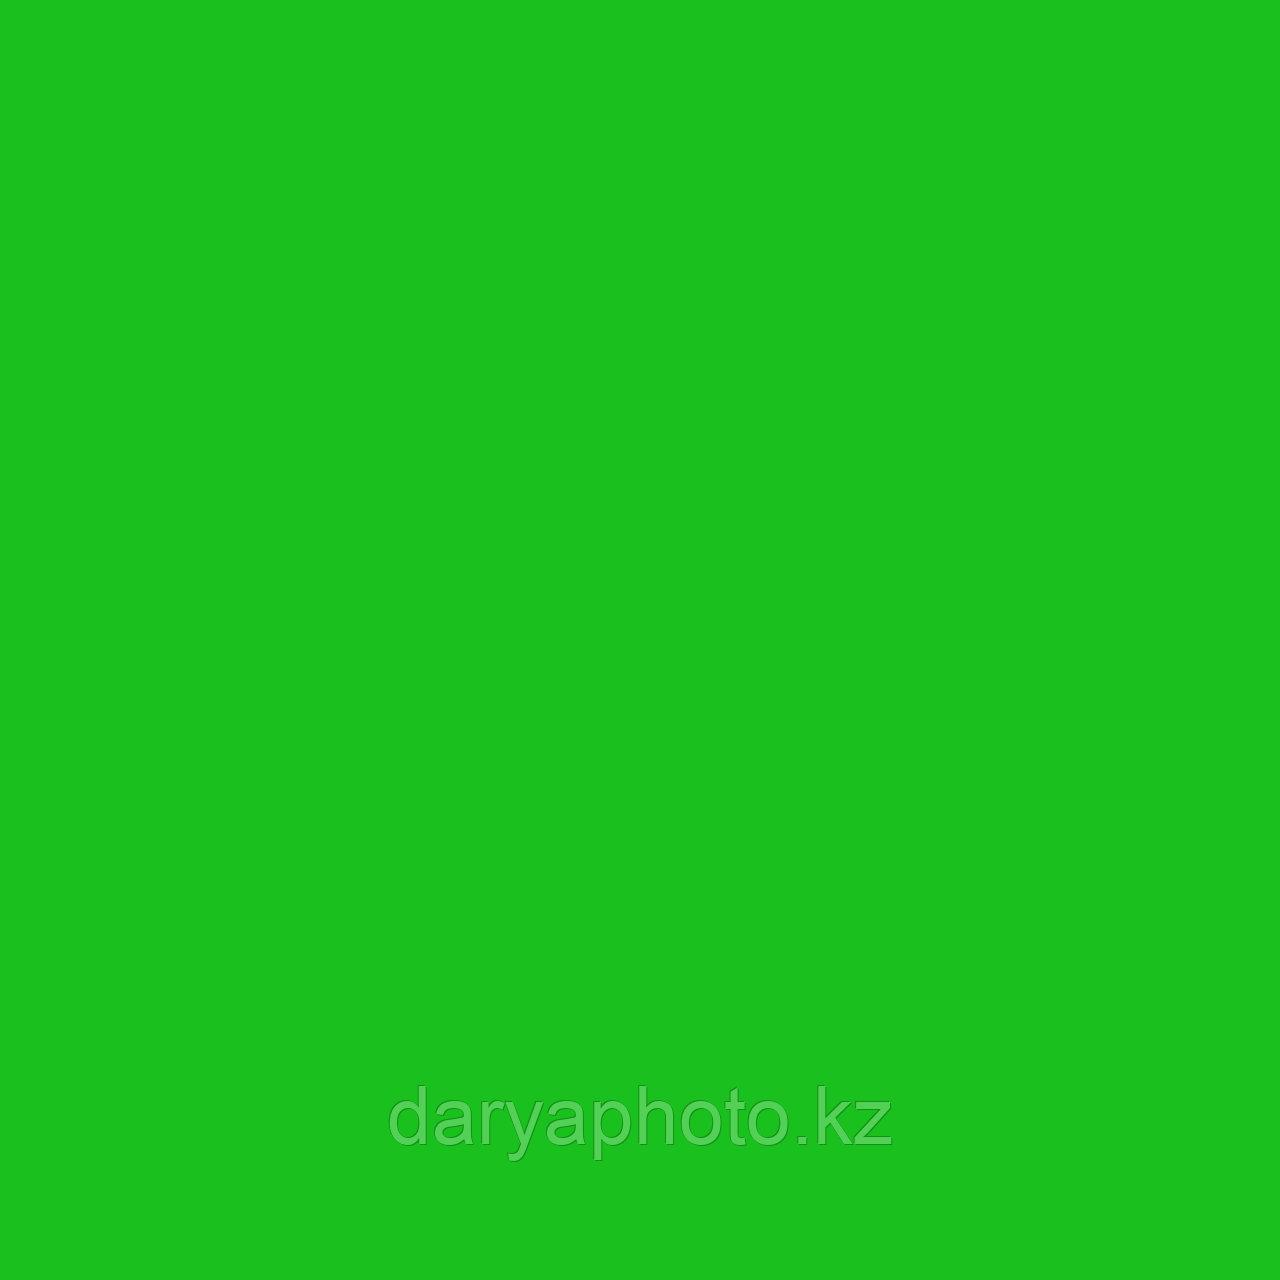 Зеленый яркий Фон бумажный. Фотофон. Фон для фотостудии